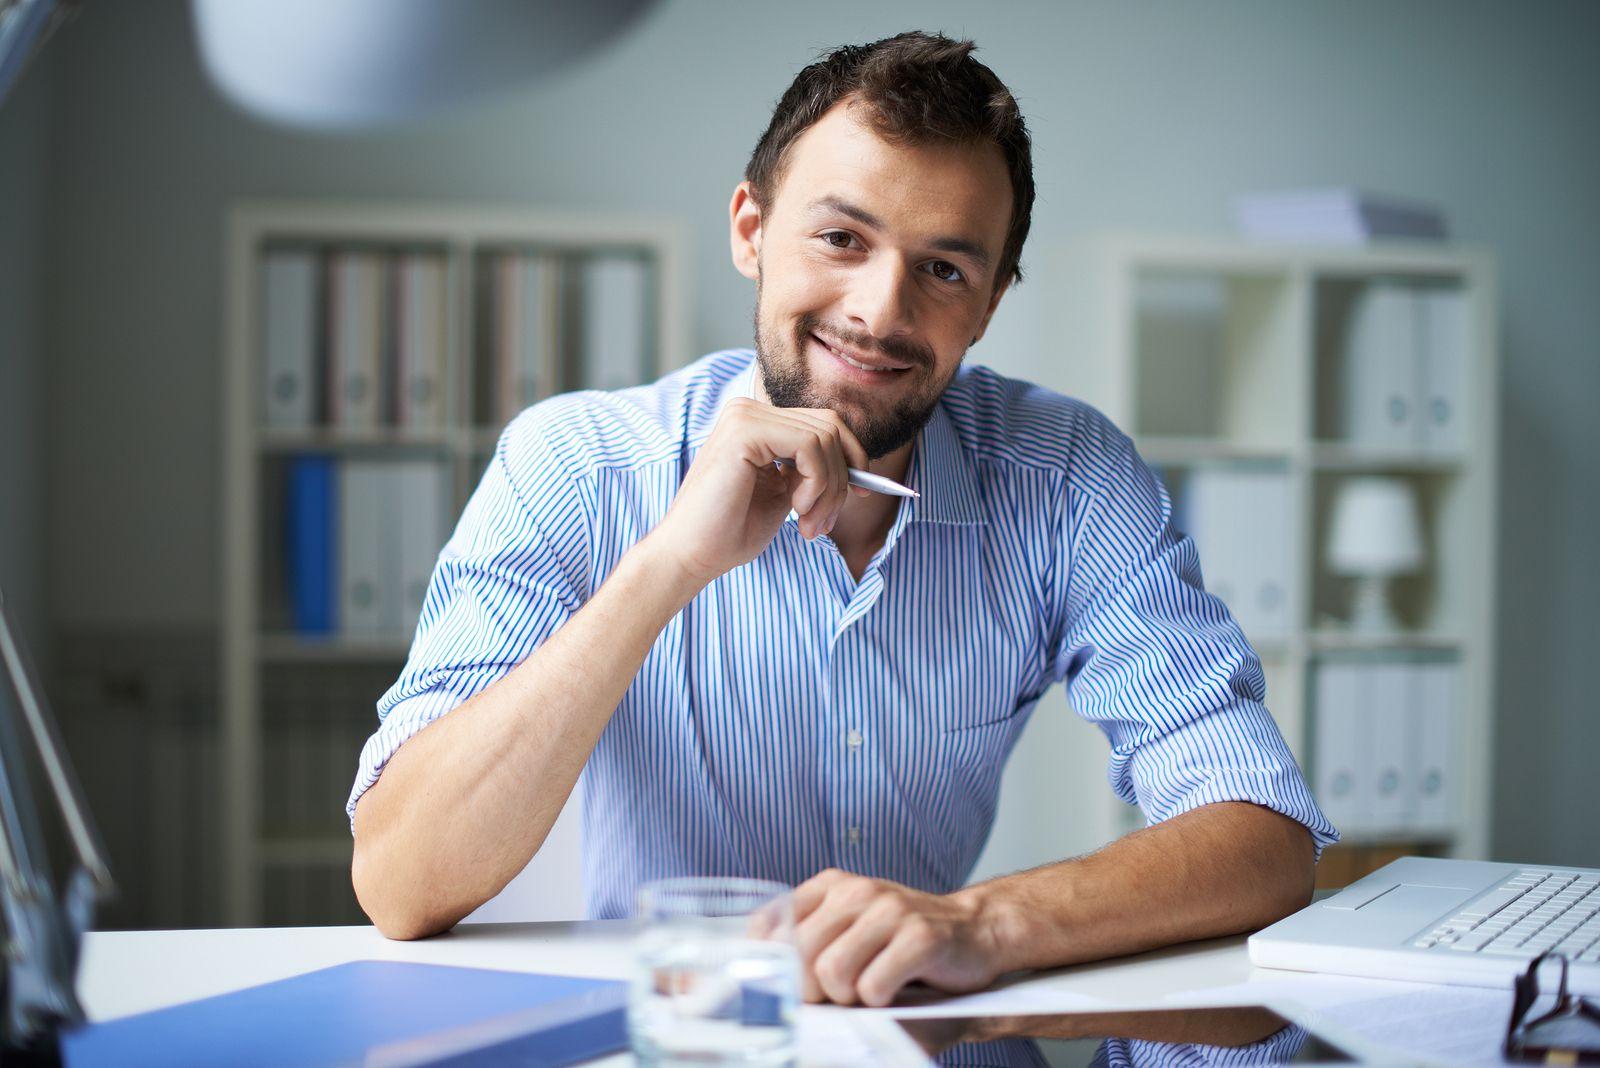 vertel eens iets over jezelf sollicitatie Sollicitatie vragen : vertel eens iets over jezelf? | Sollicitatie  vertel eens iets over jezelf sollicitatie